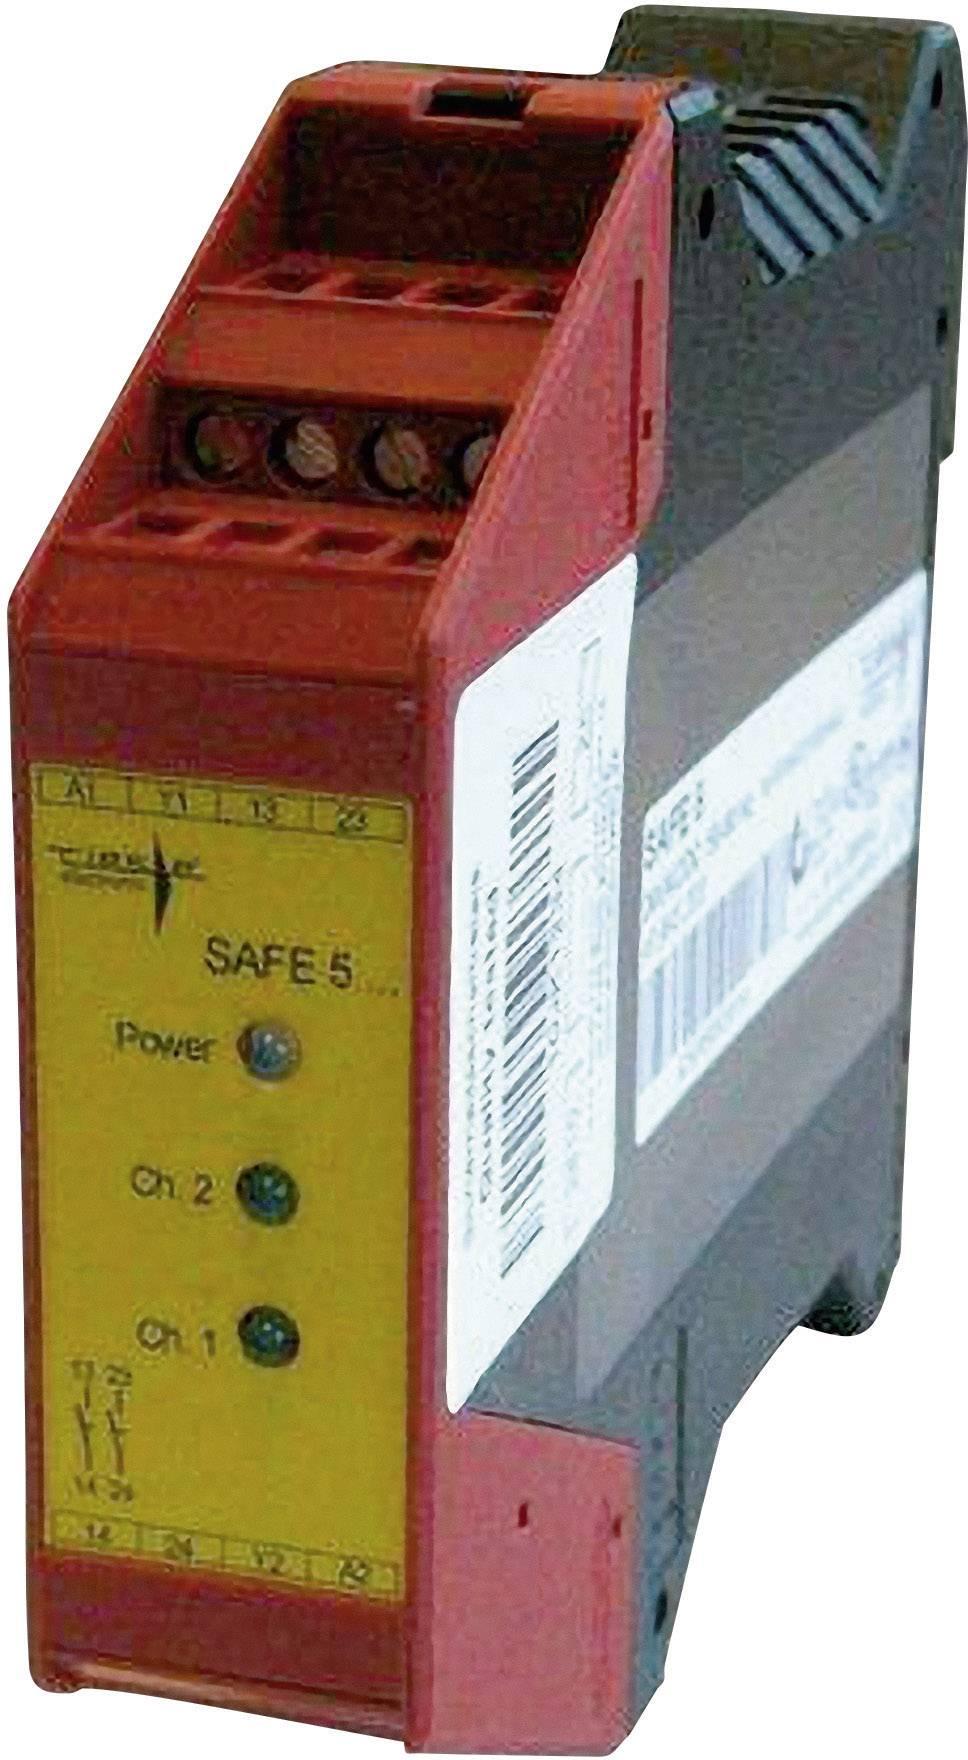 Bezpečnostní relé Riese SAFE 5.1, AR.9646.2000, 24 V/DC, 24 V/AC, 2 spínací kontakty